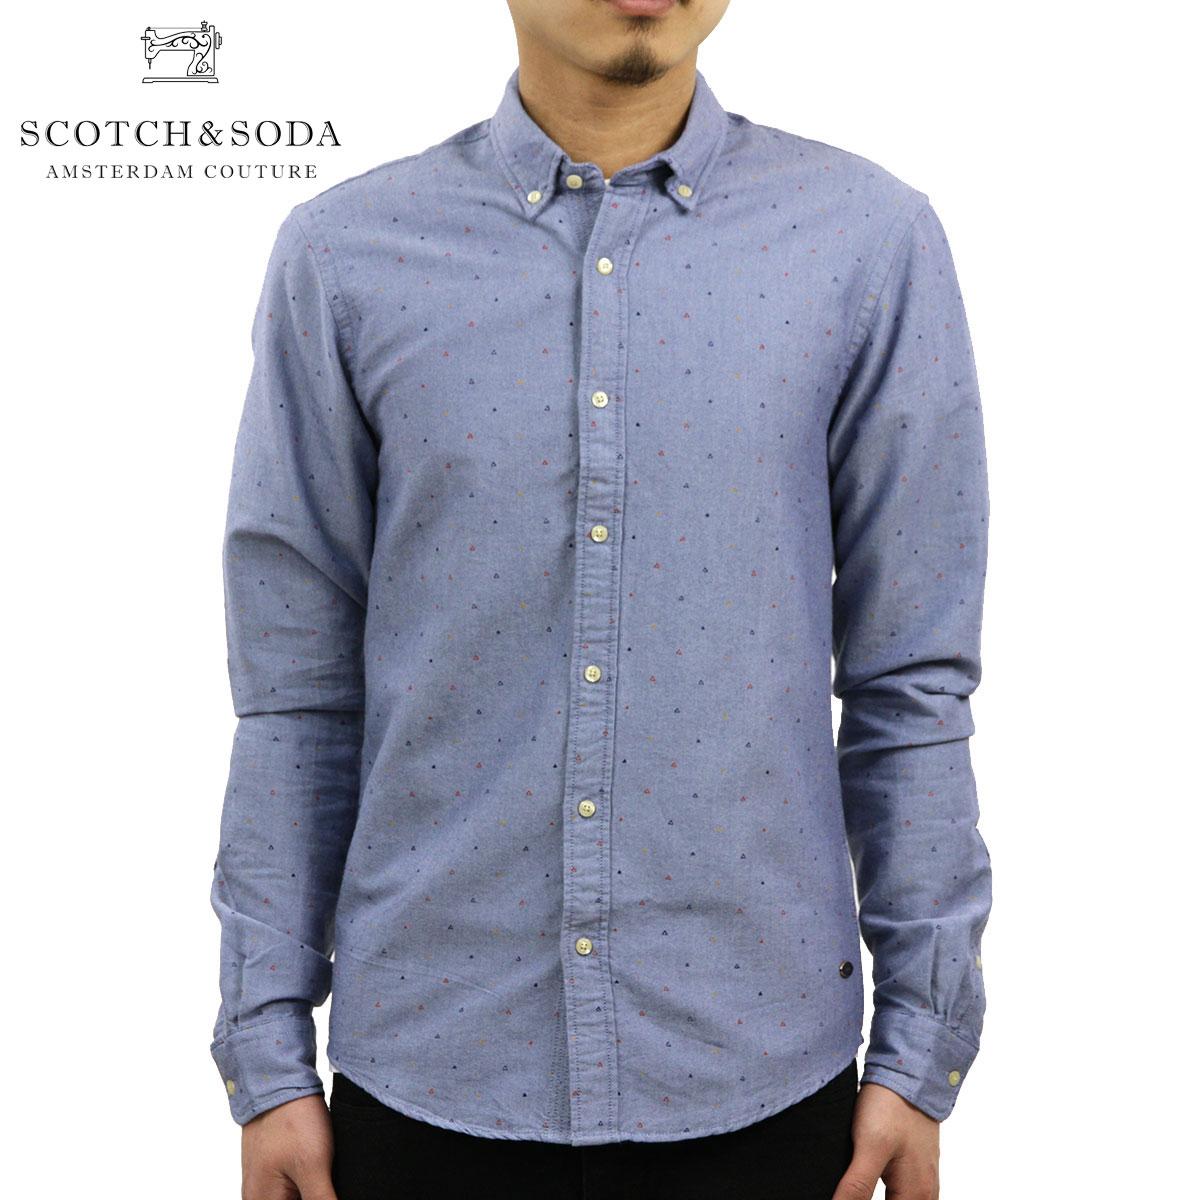 スコッチアンドソーダ SCOTCH&SODA 正規販売店 メンズ 長袖シャツ Classic shirt in rough oxford quality with all-over printed mini pattern 101405 20 D00S20